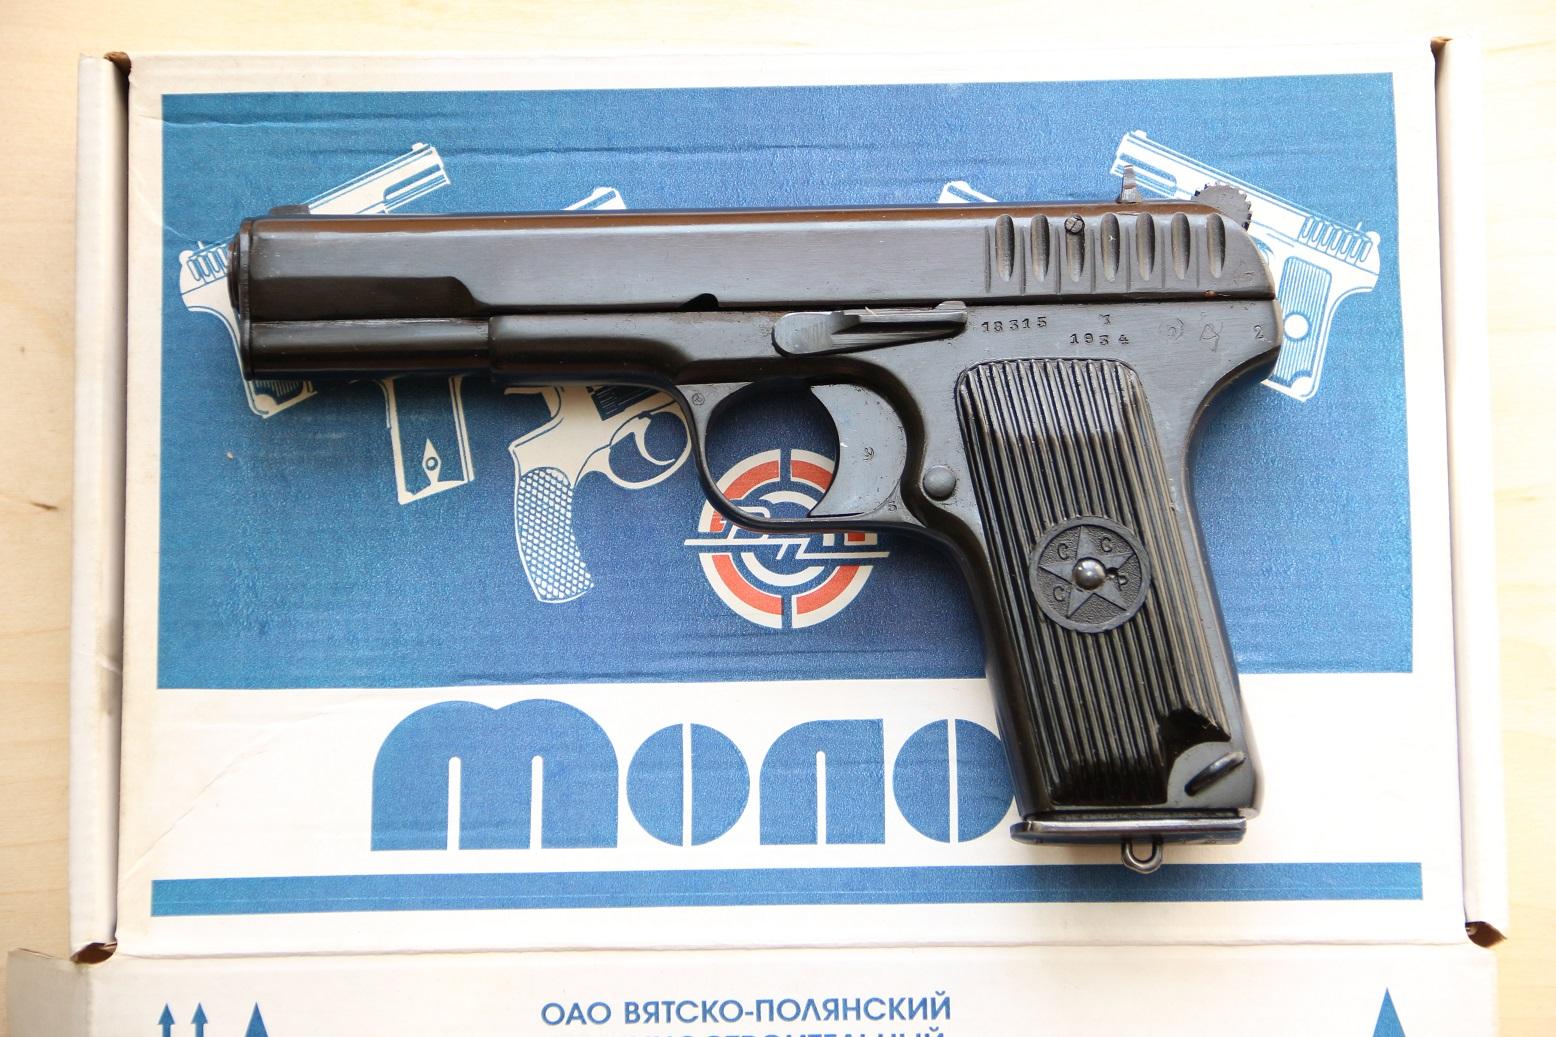 Фото Сигнальный пистолет ТТ-С 1934 года №18315